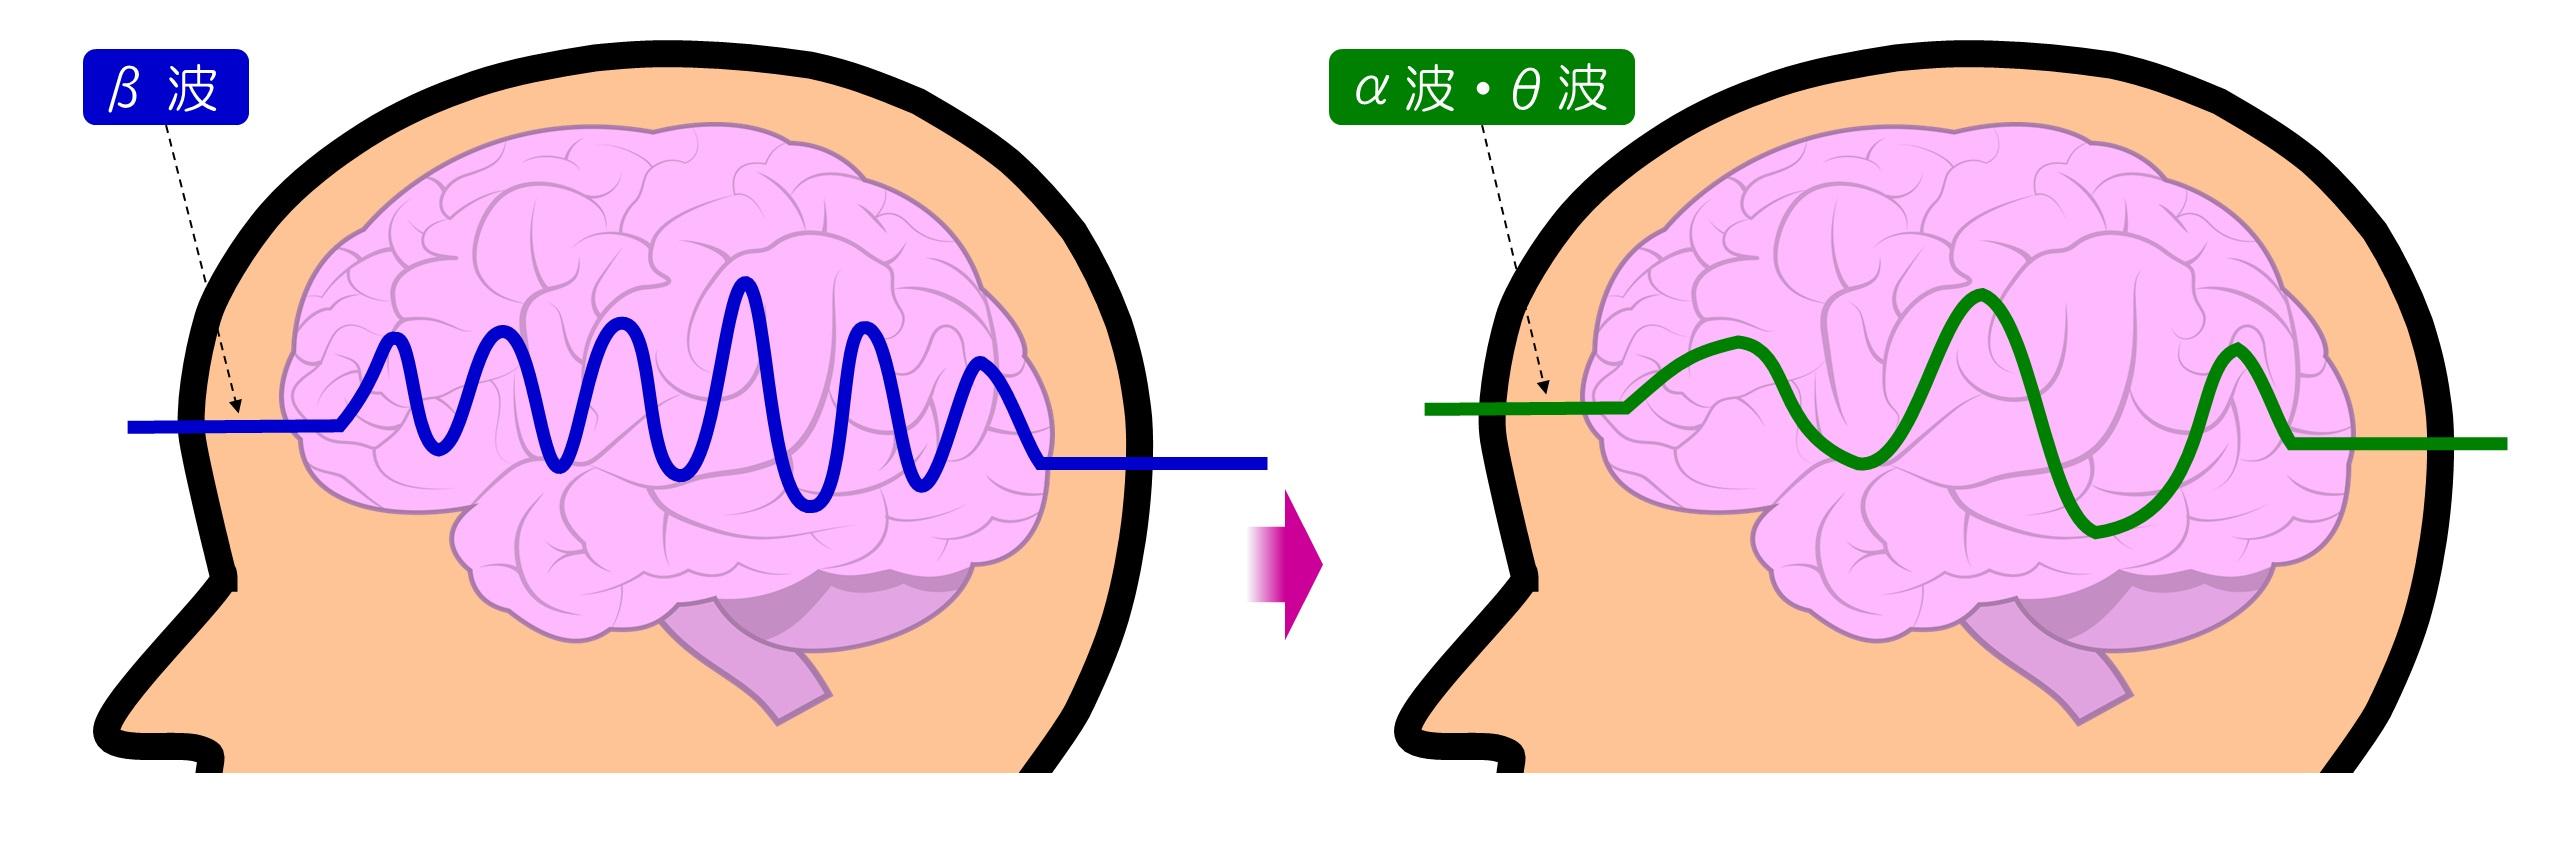 副交感神経が優位な状態で脳の疲労回復によりだるさ・冷え・集中力の低下などを改善させるヘッドマッサージ! 小顔矯正 プリュムレーヴ